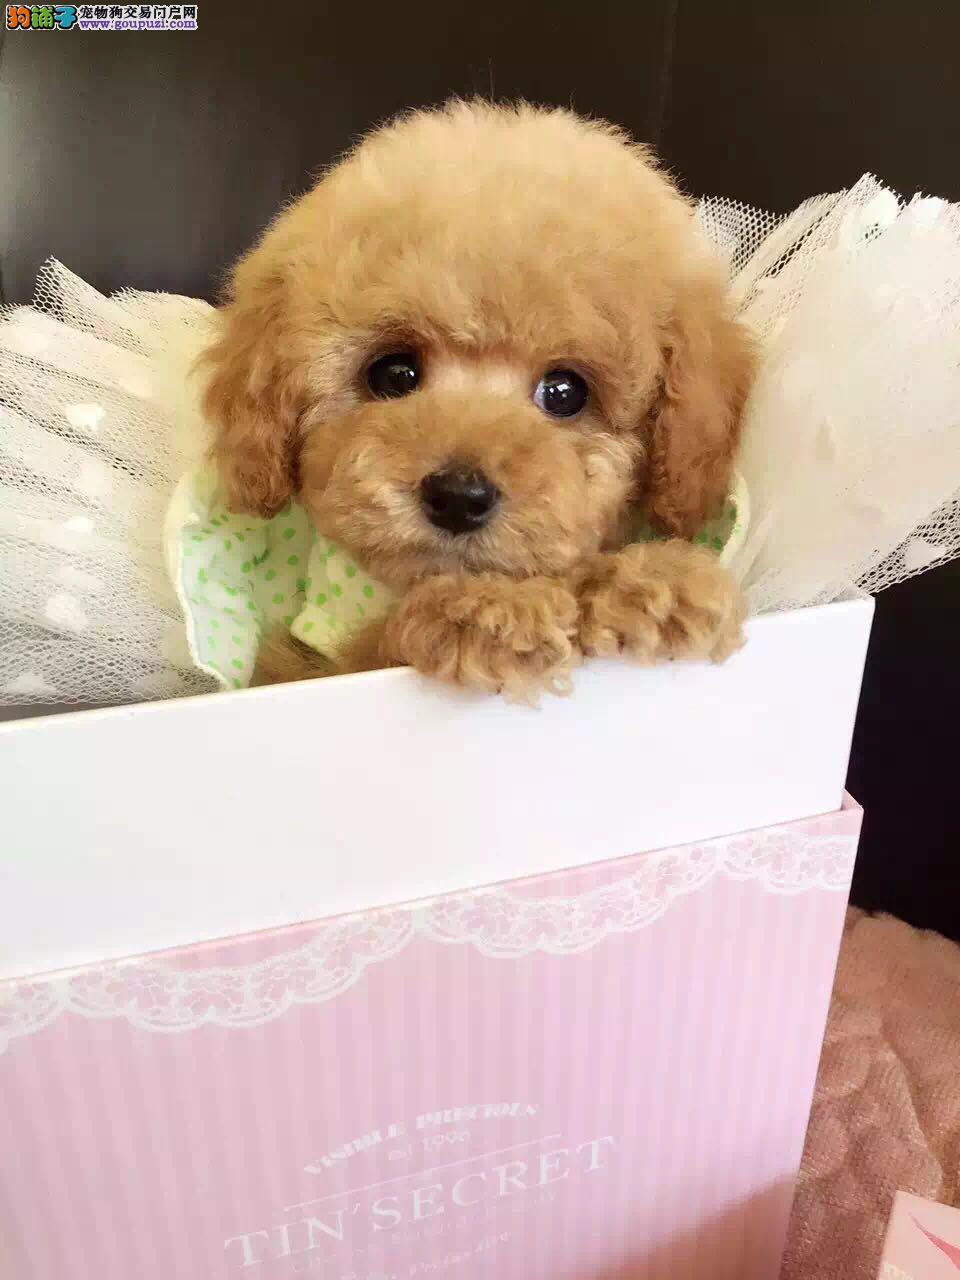 青岛狗场出售韩系血统泰迪犬 已做好进口疫苗和驱虫3